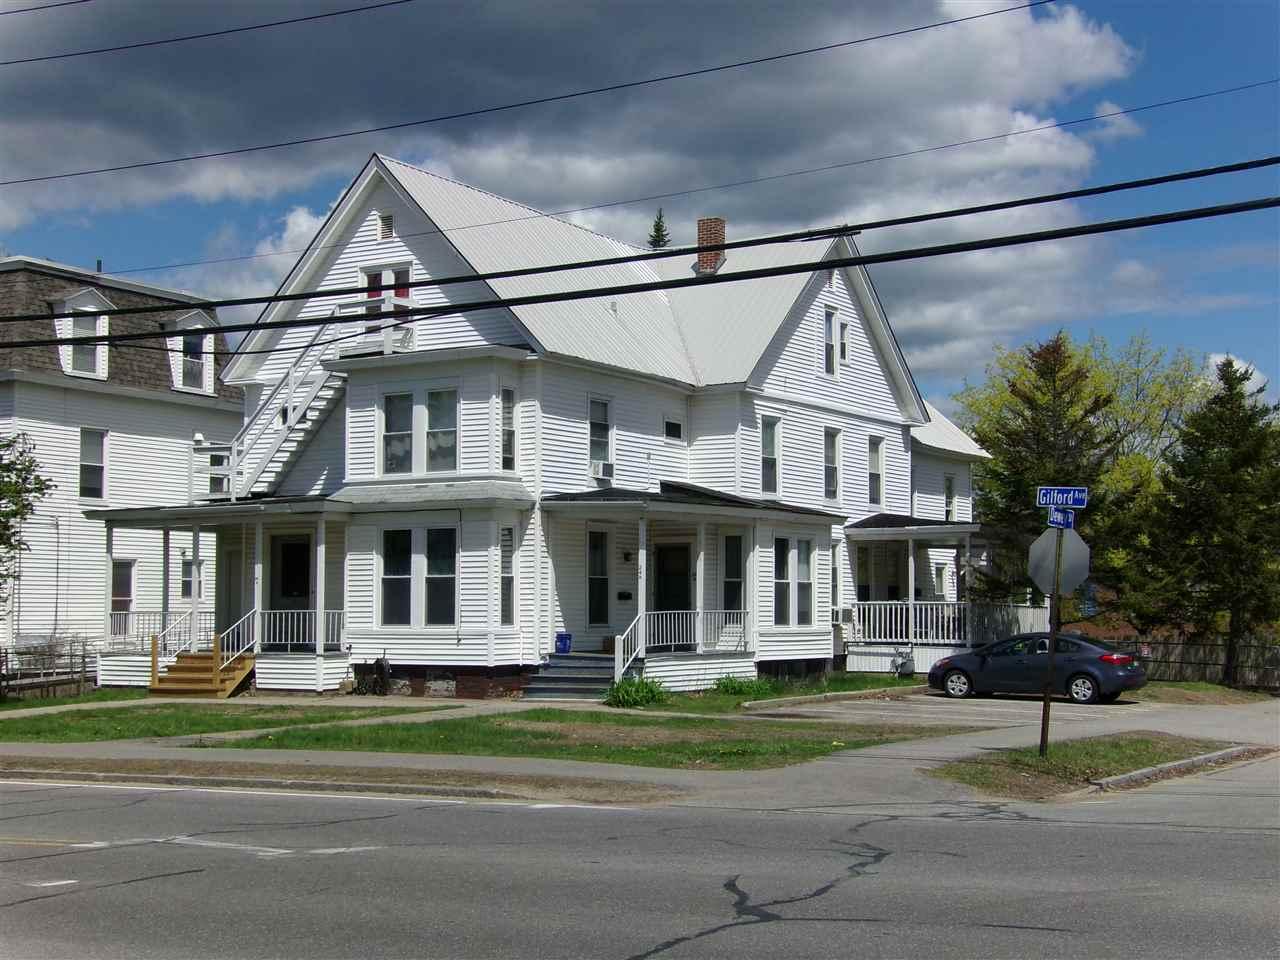 Photo of 24 Gilford Avenue Laconia NH 03246